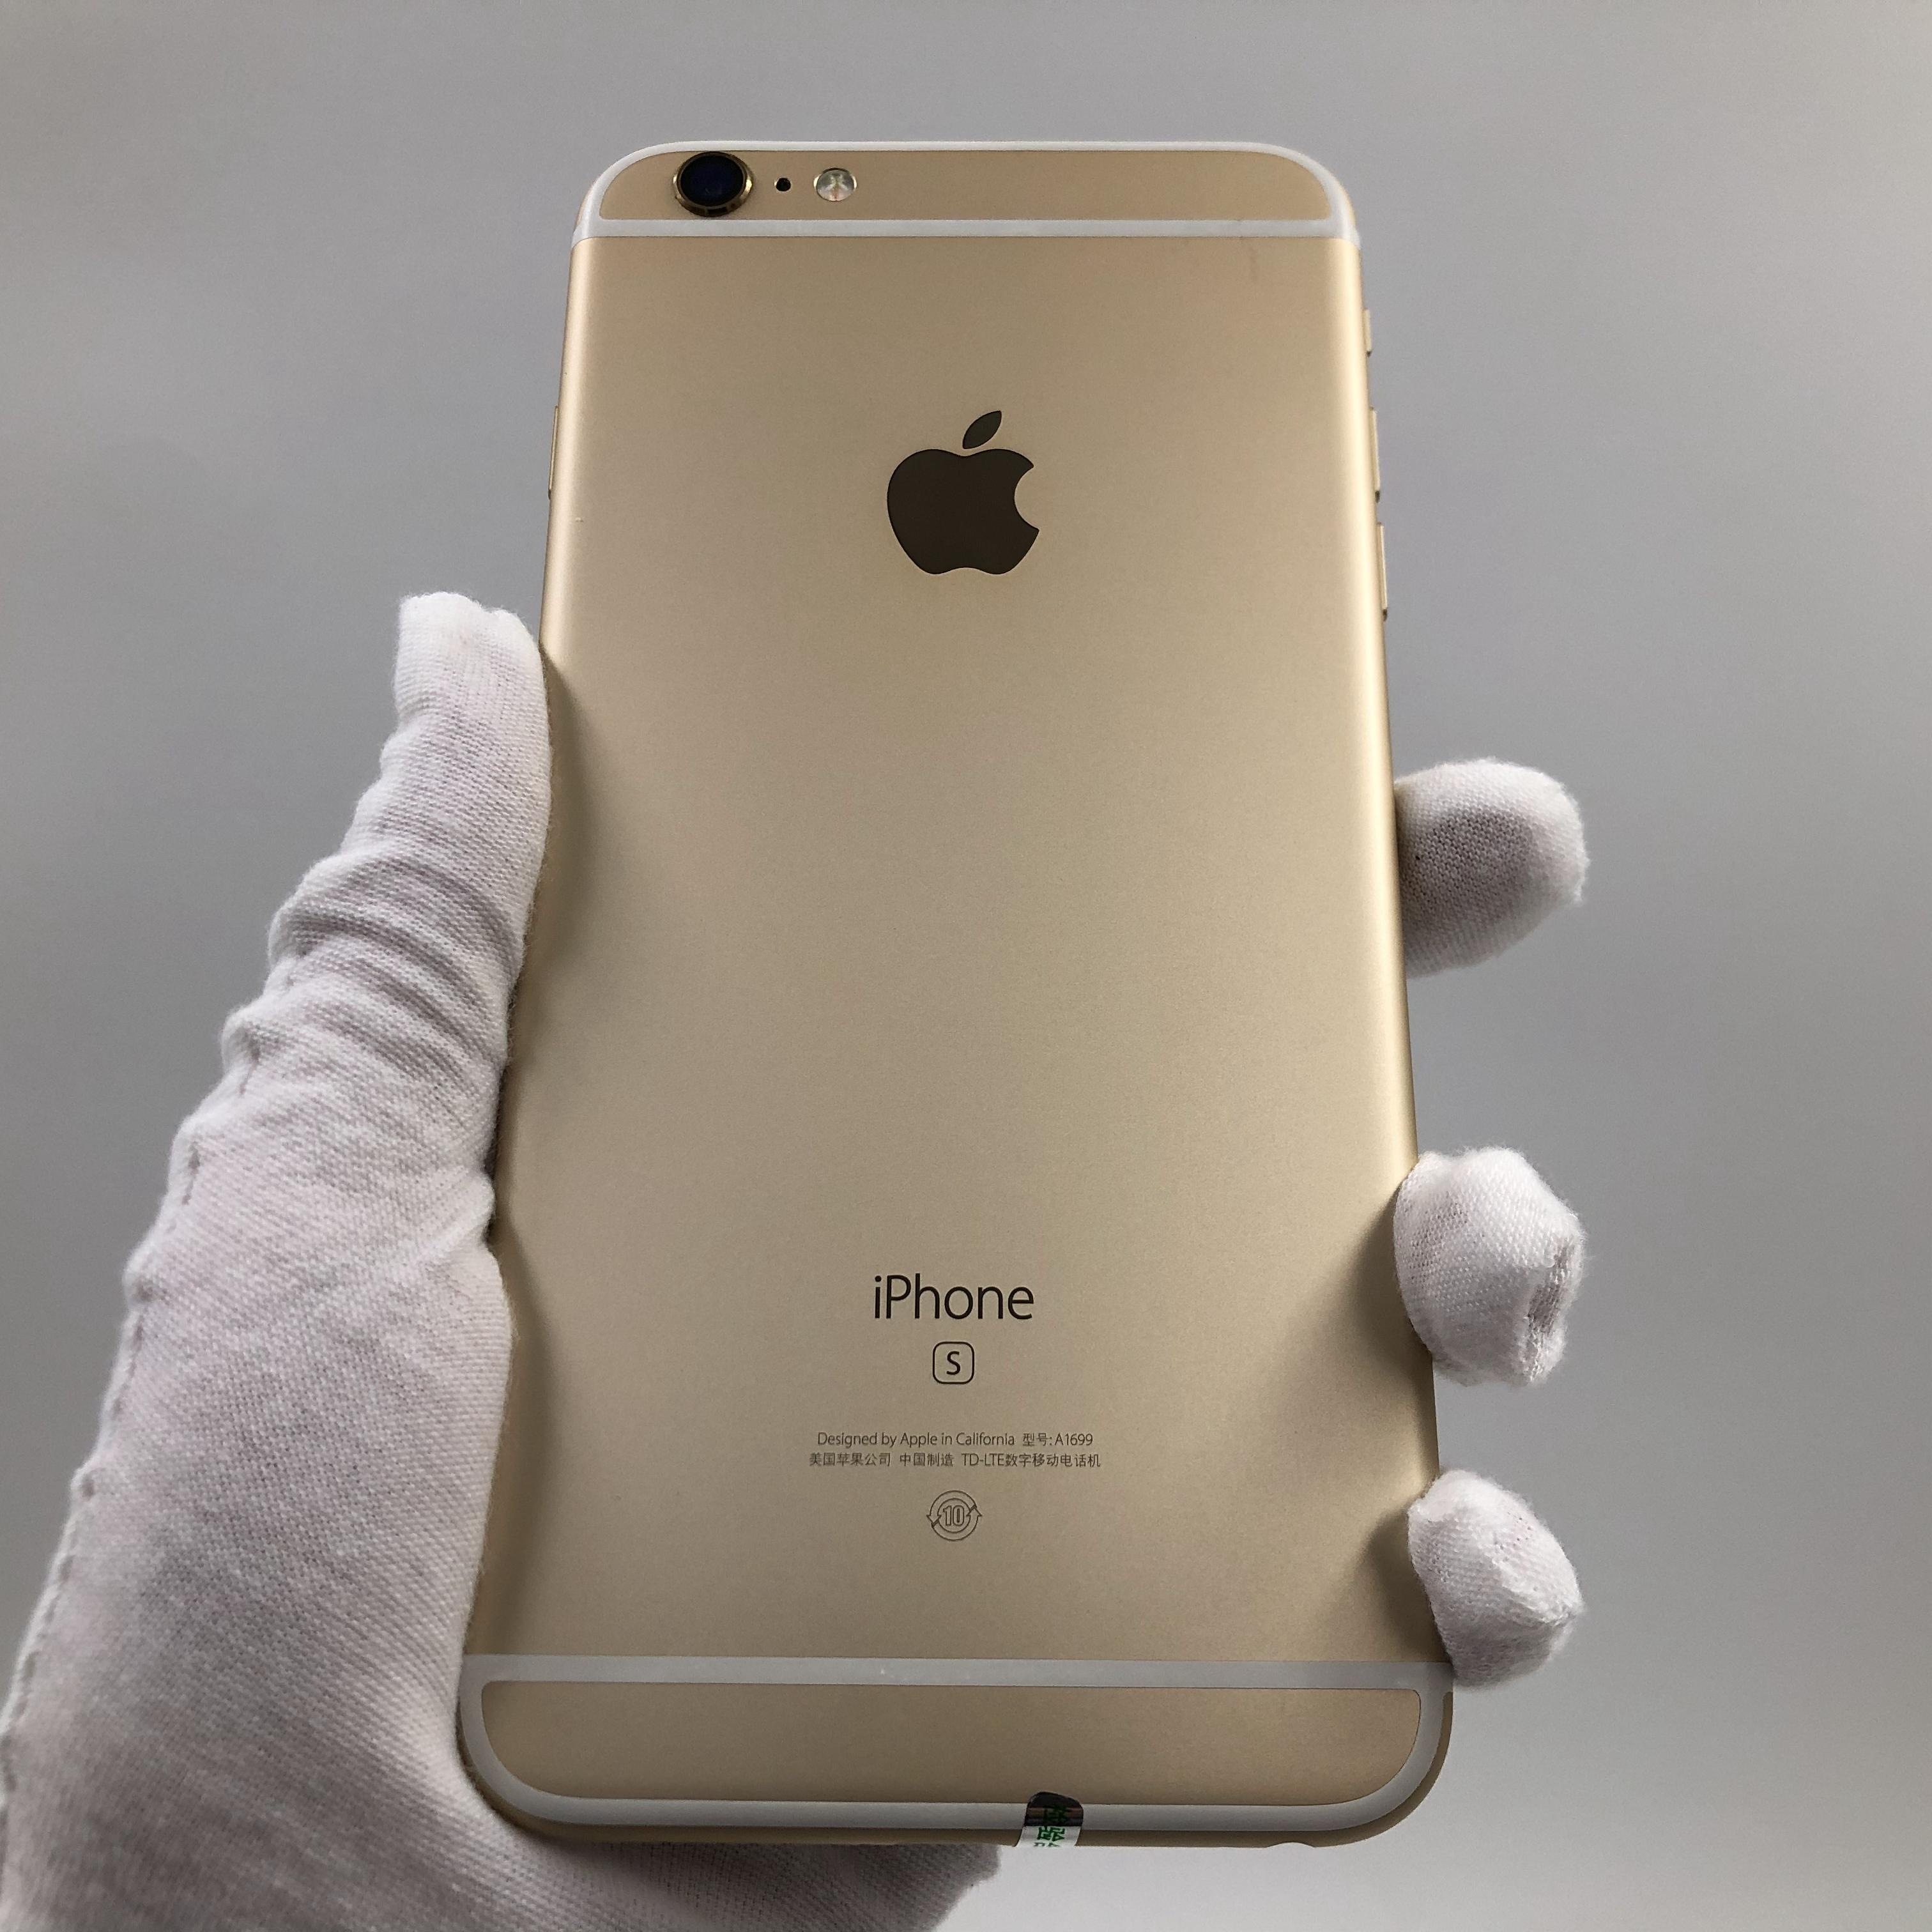 苹果【iPhone 6s Plus】4G全网通 金色 128G 国行 95新 真机实拍